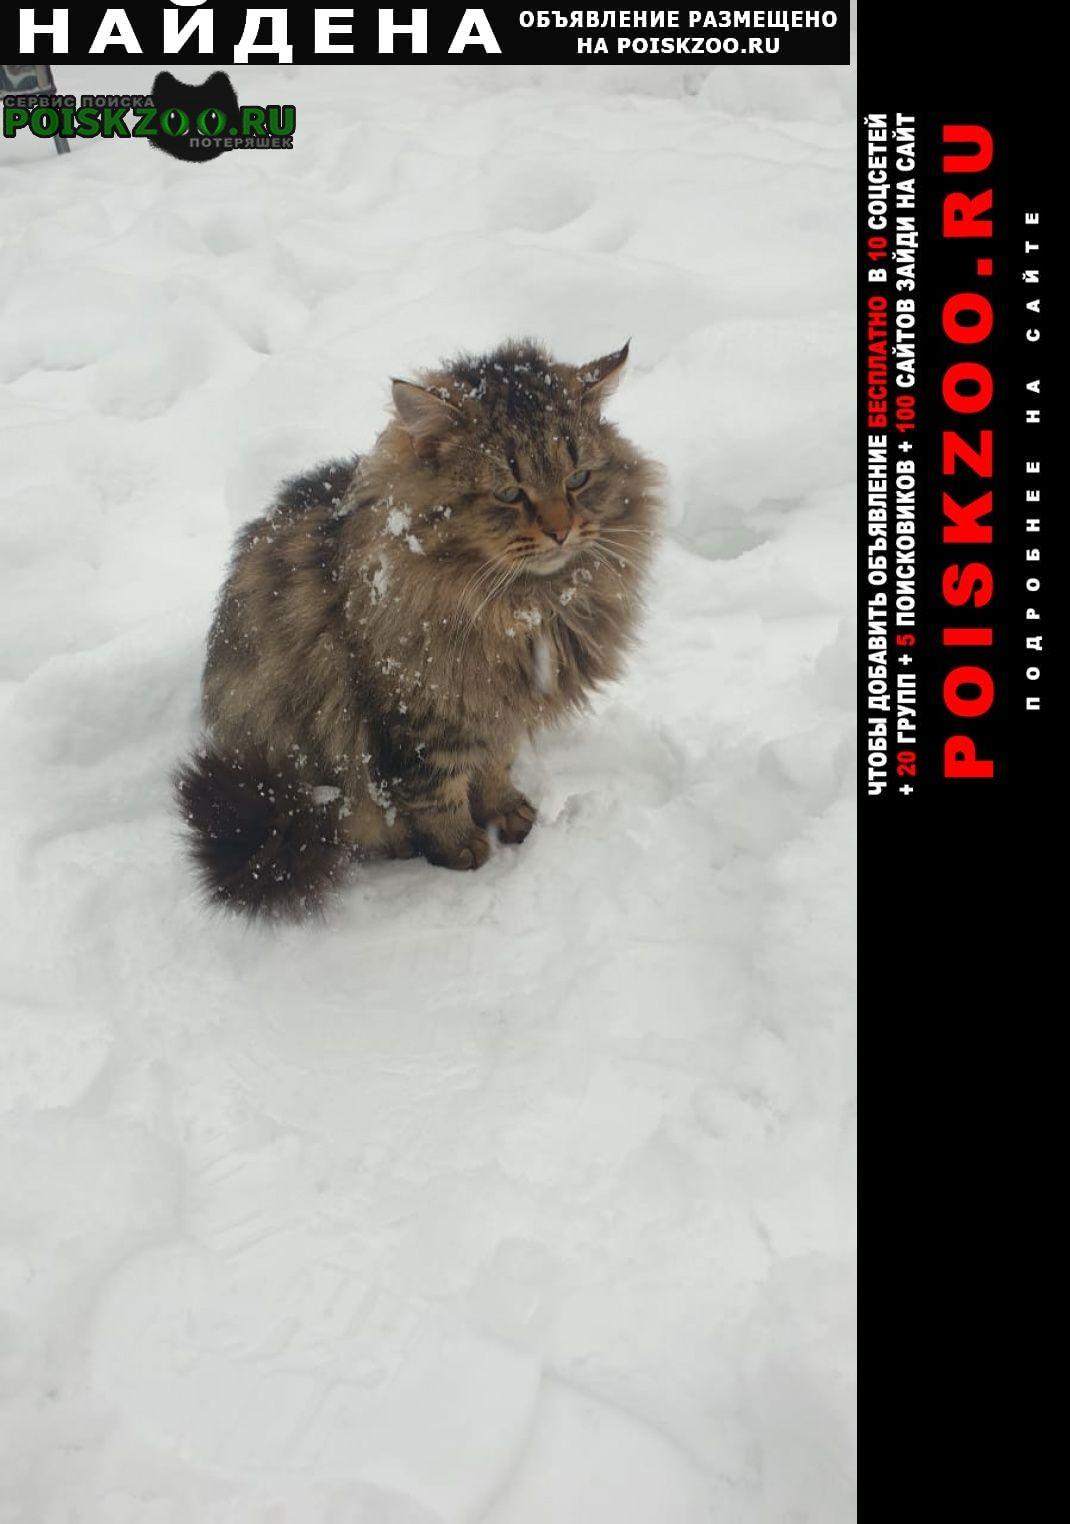 Найдена кошка в с т заречье около д. толстяково, солне Солнечногорск